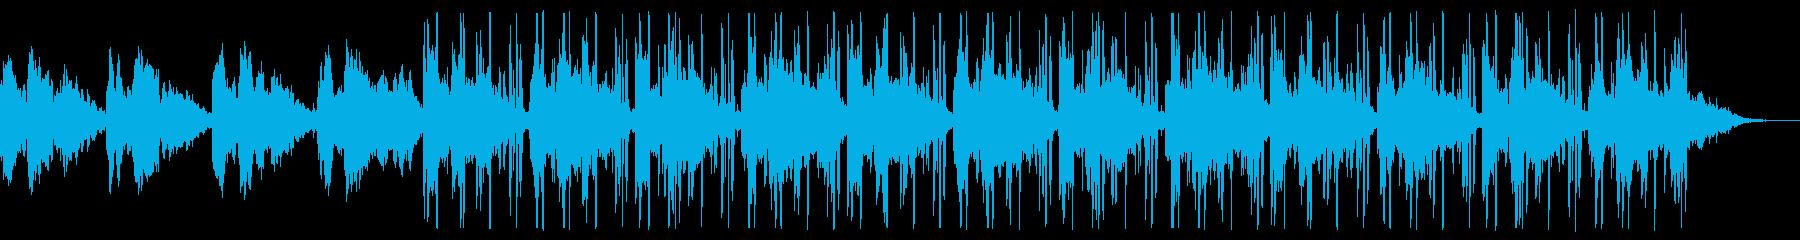 幻想的なHipHop BGMの再生済みの波形